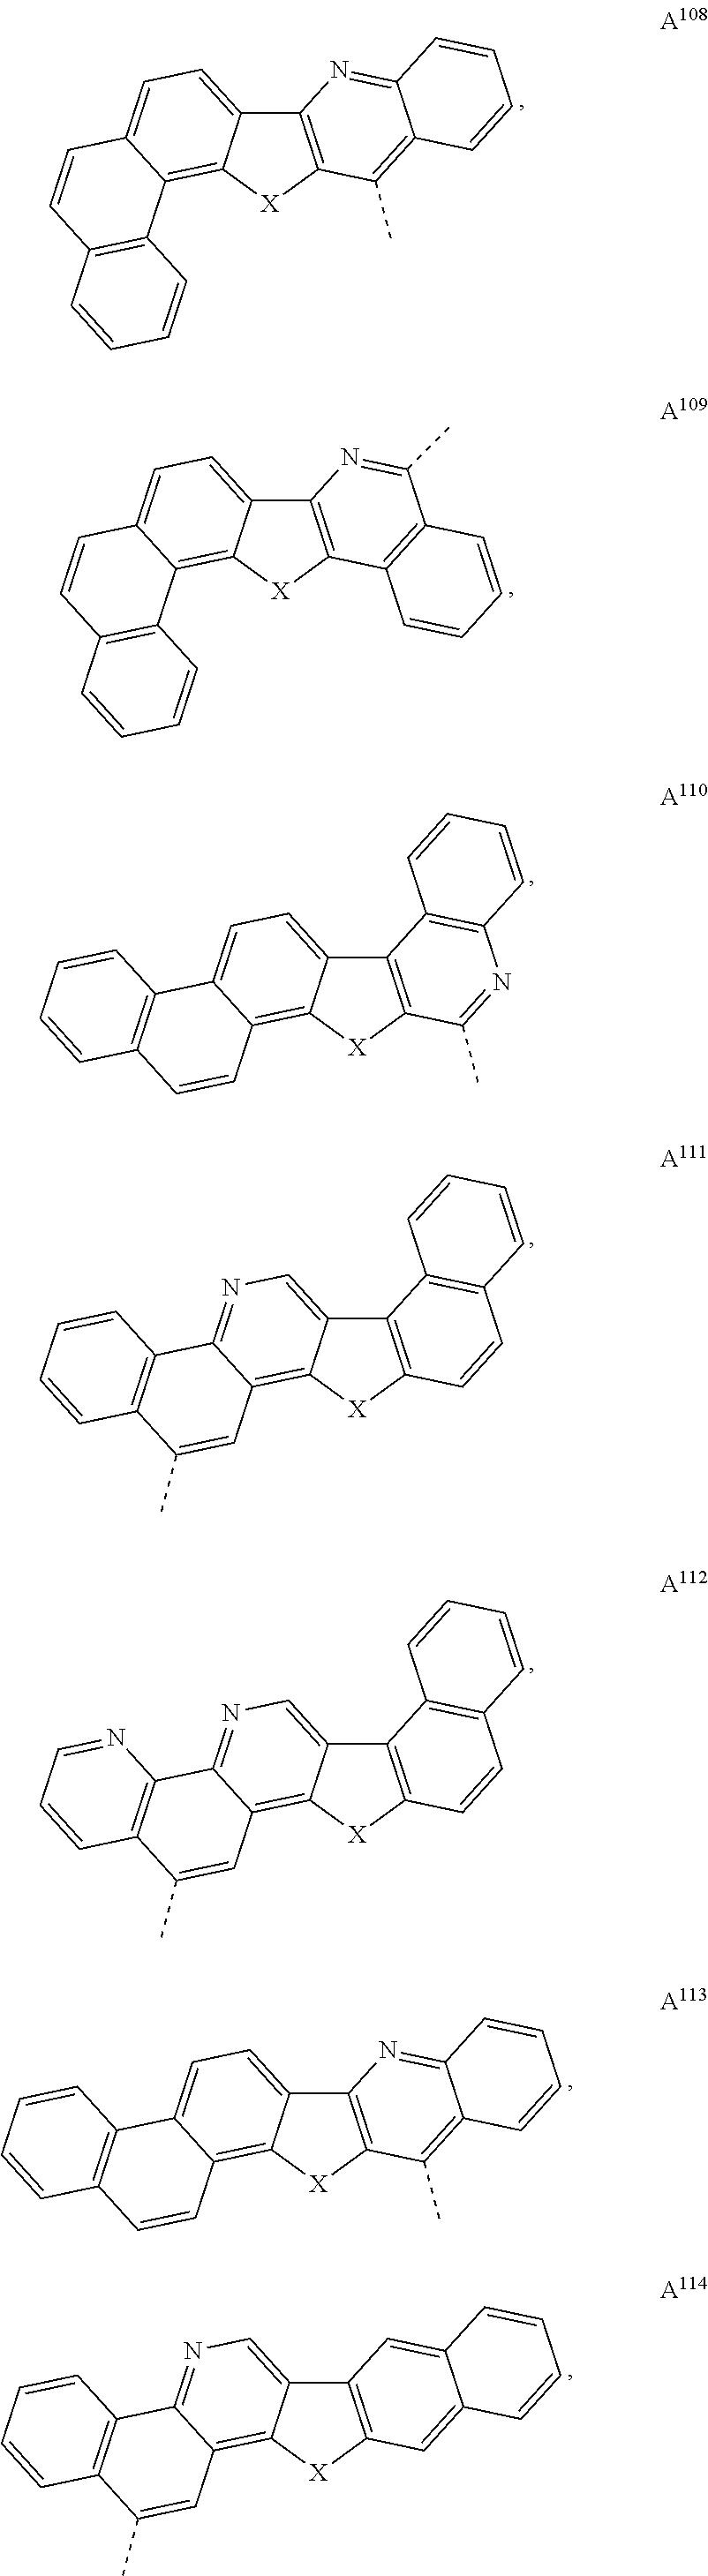 Figure US20170033295A1-20170202-C00028